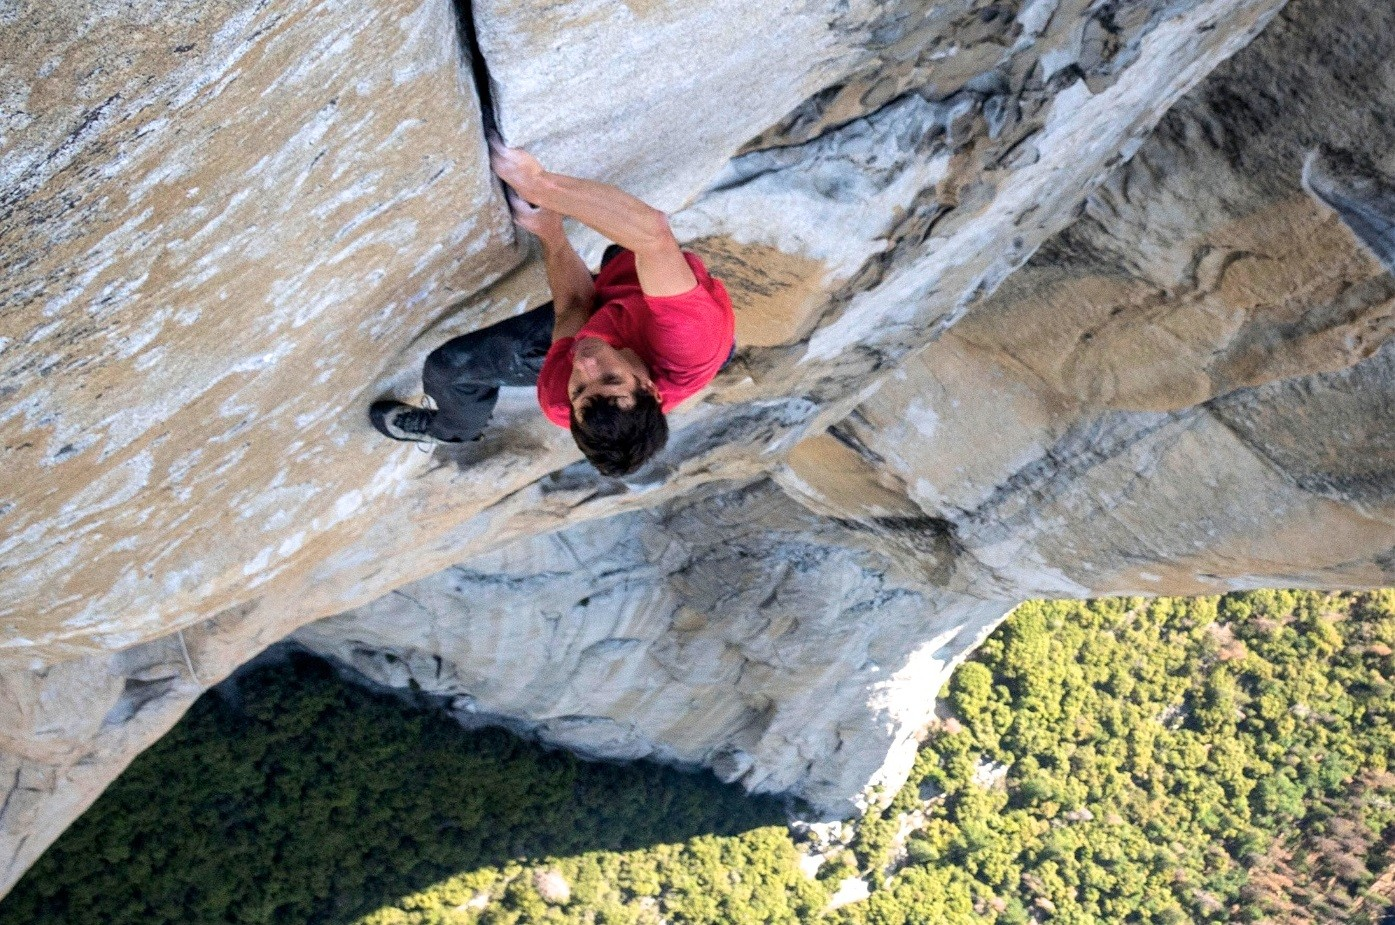 Alex Honnold escalando o El Capitan, nos Estados Unidos (Foto: divulgação)